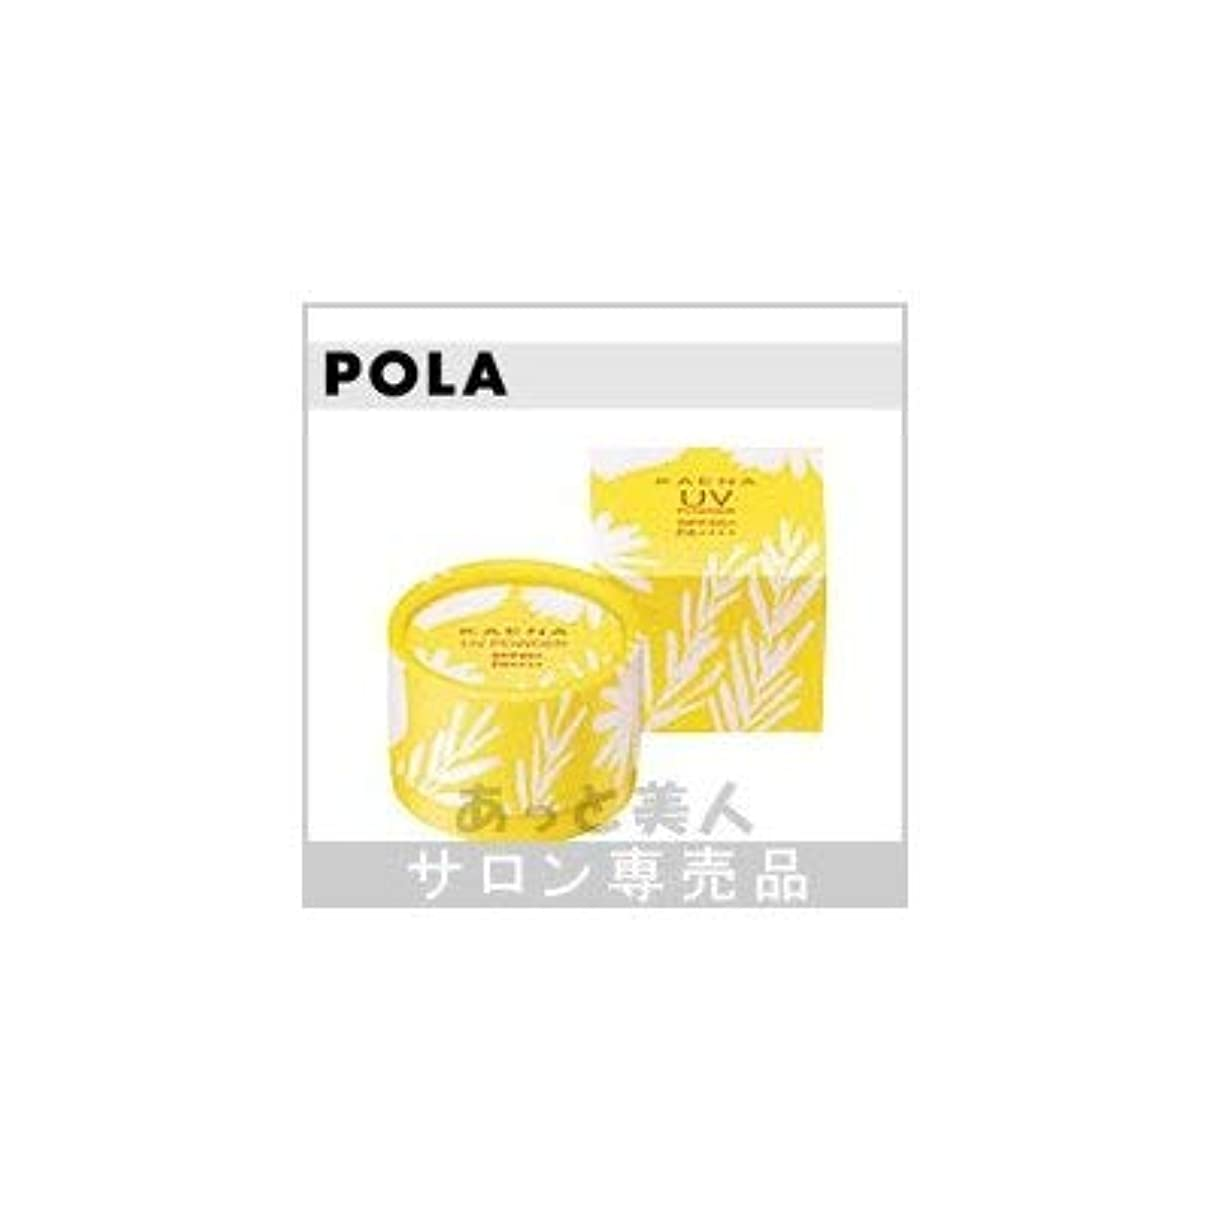 悪因子お尻乏しいポーラ カエナ UVパウダー 6.5g (SPF50+ PA++++)